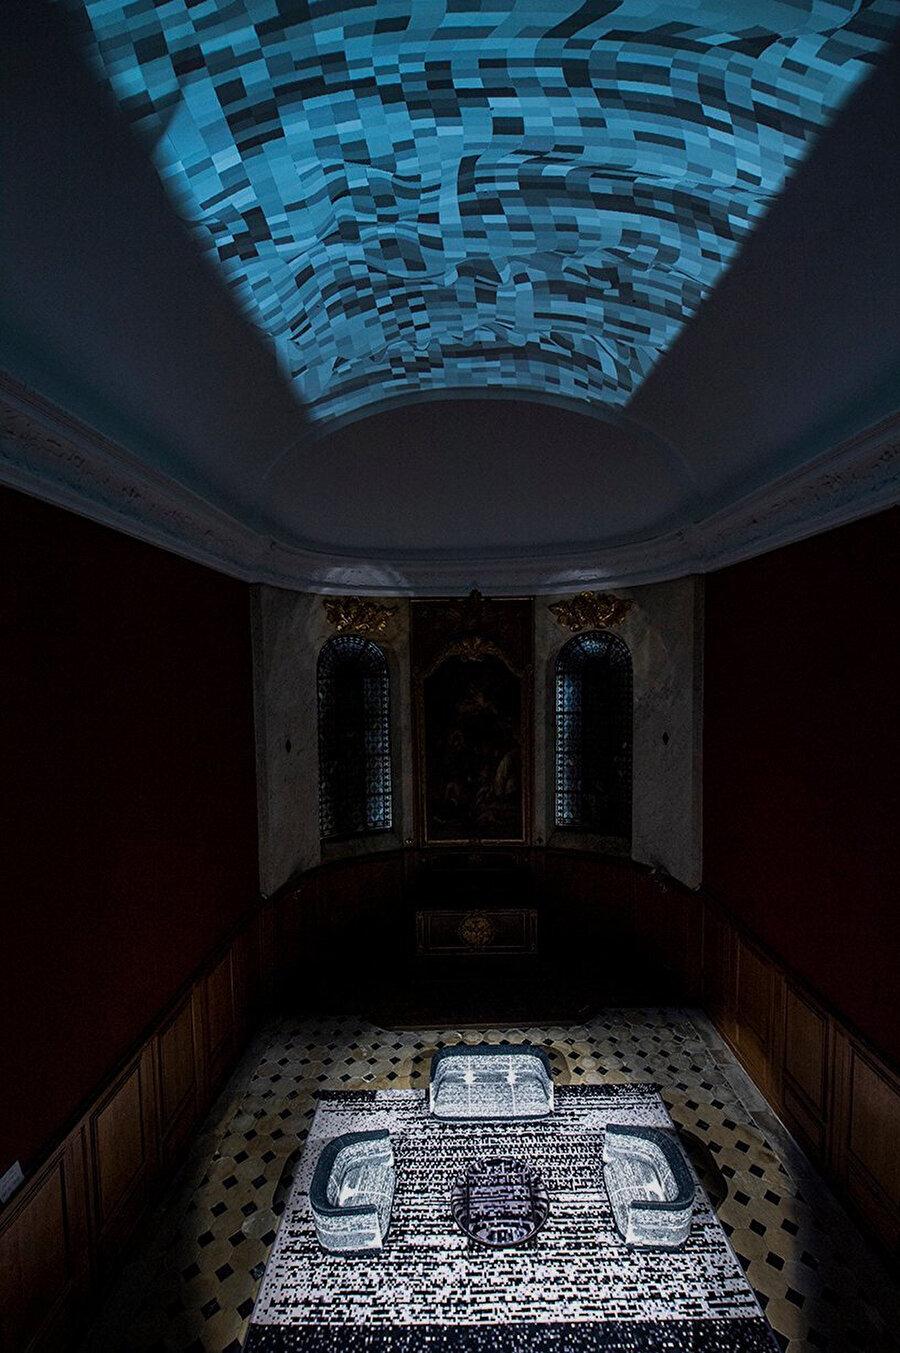 Miguel Chevalier, mobilya koleksiyonunun sunumuna eşlik eden ve Gobelins Şapeli'nin tavanına yansıtılan bir sanal gerçeklik enstalasyonu tasarlıyor.